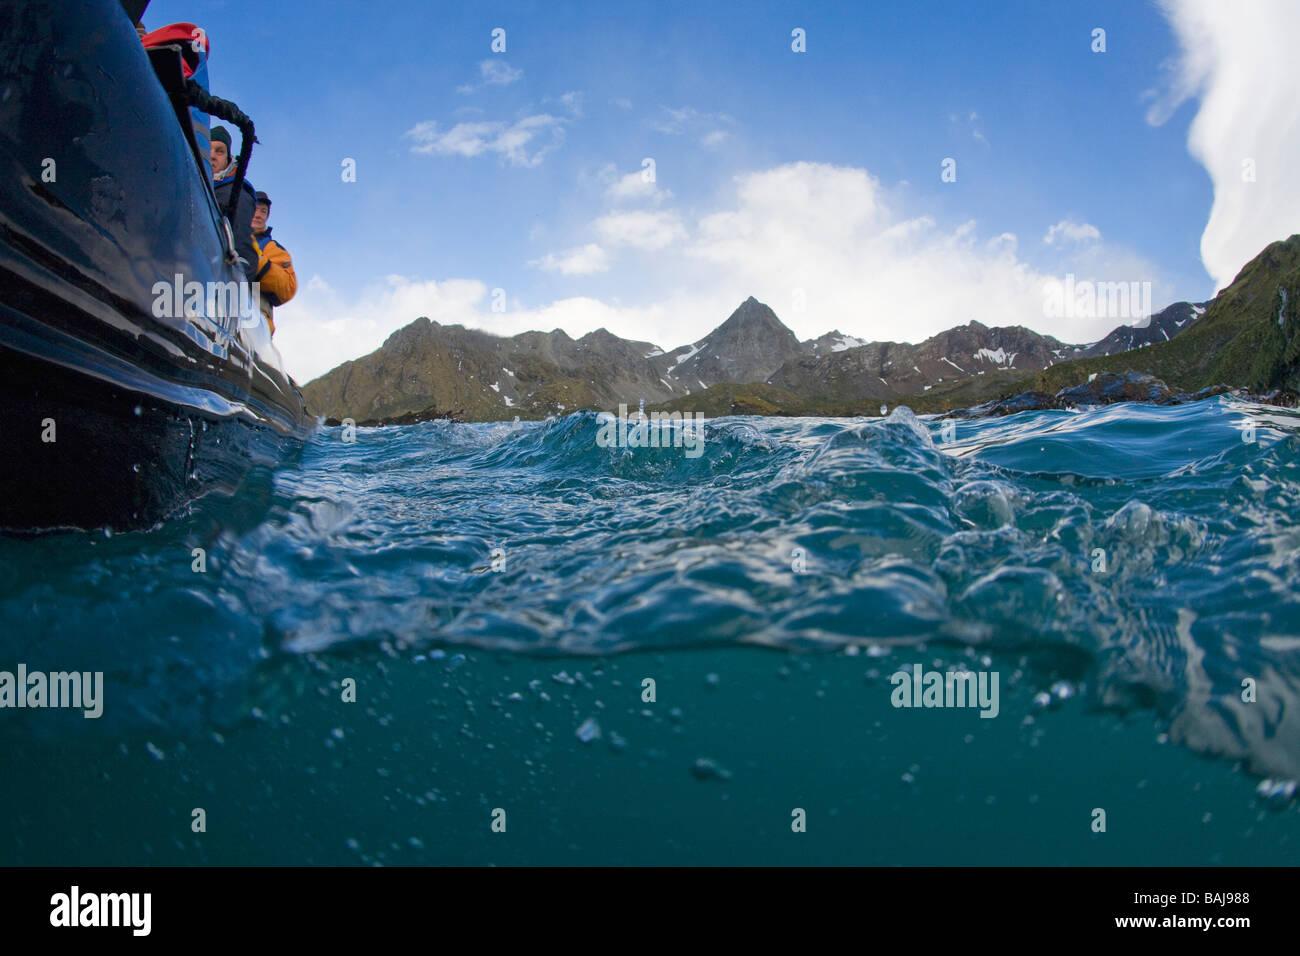 Sobre y bajo el agua fotografía de zodiac off Cooper Bay South Georgia la Antártida Imagen De Stock